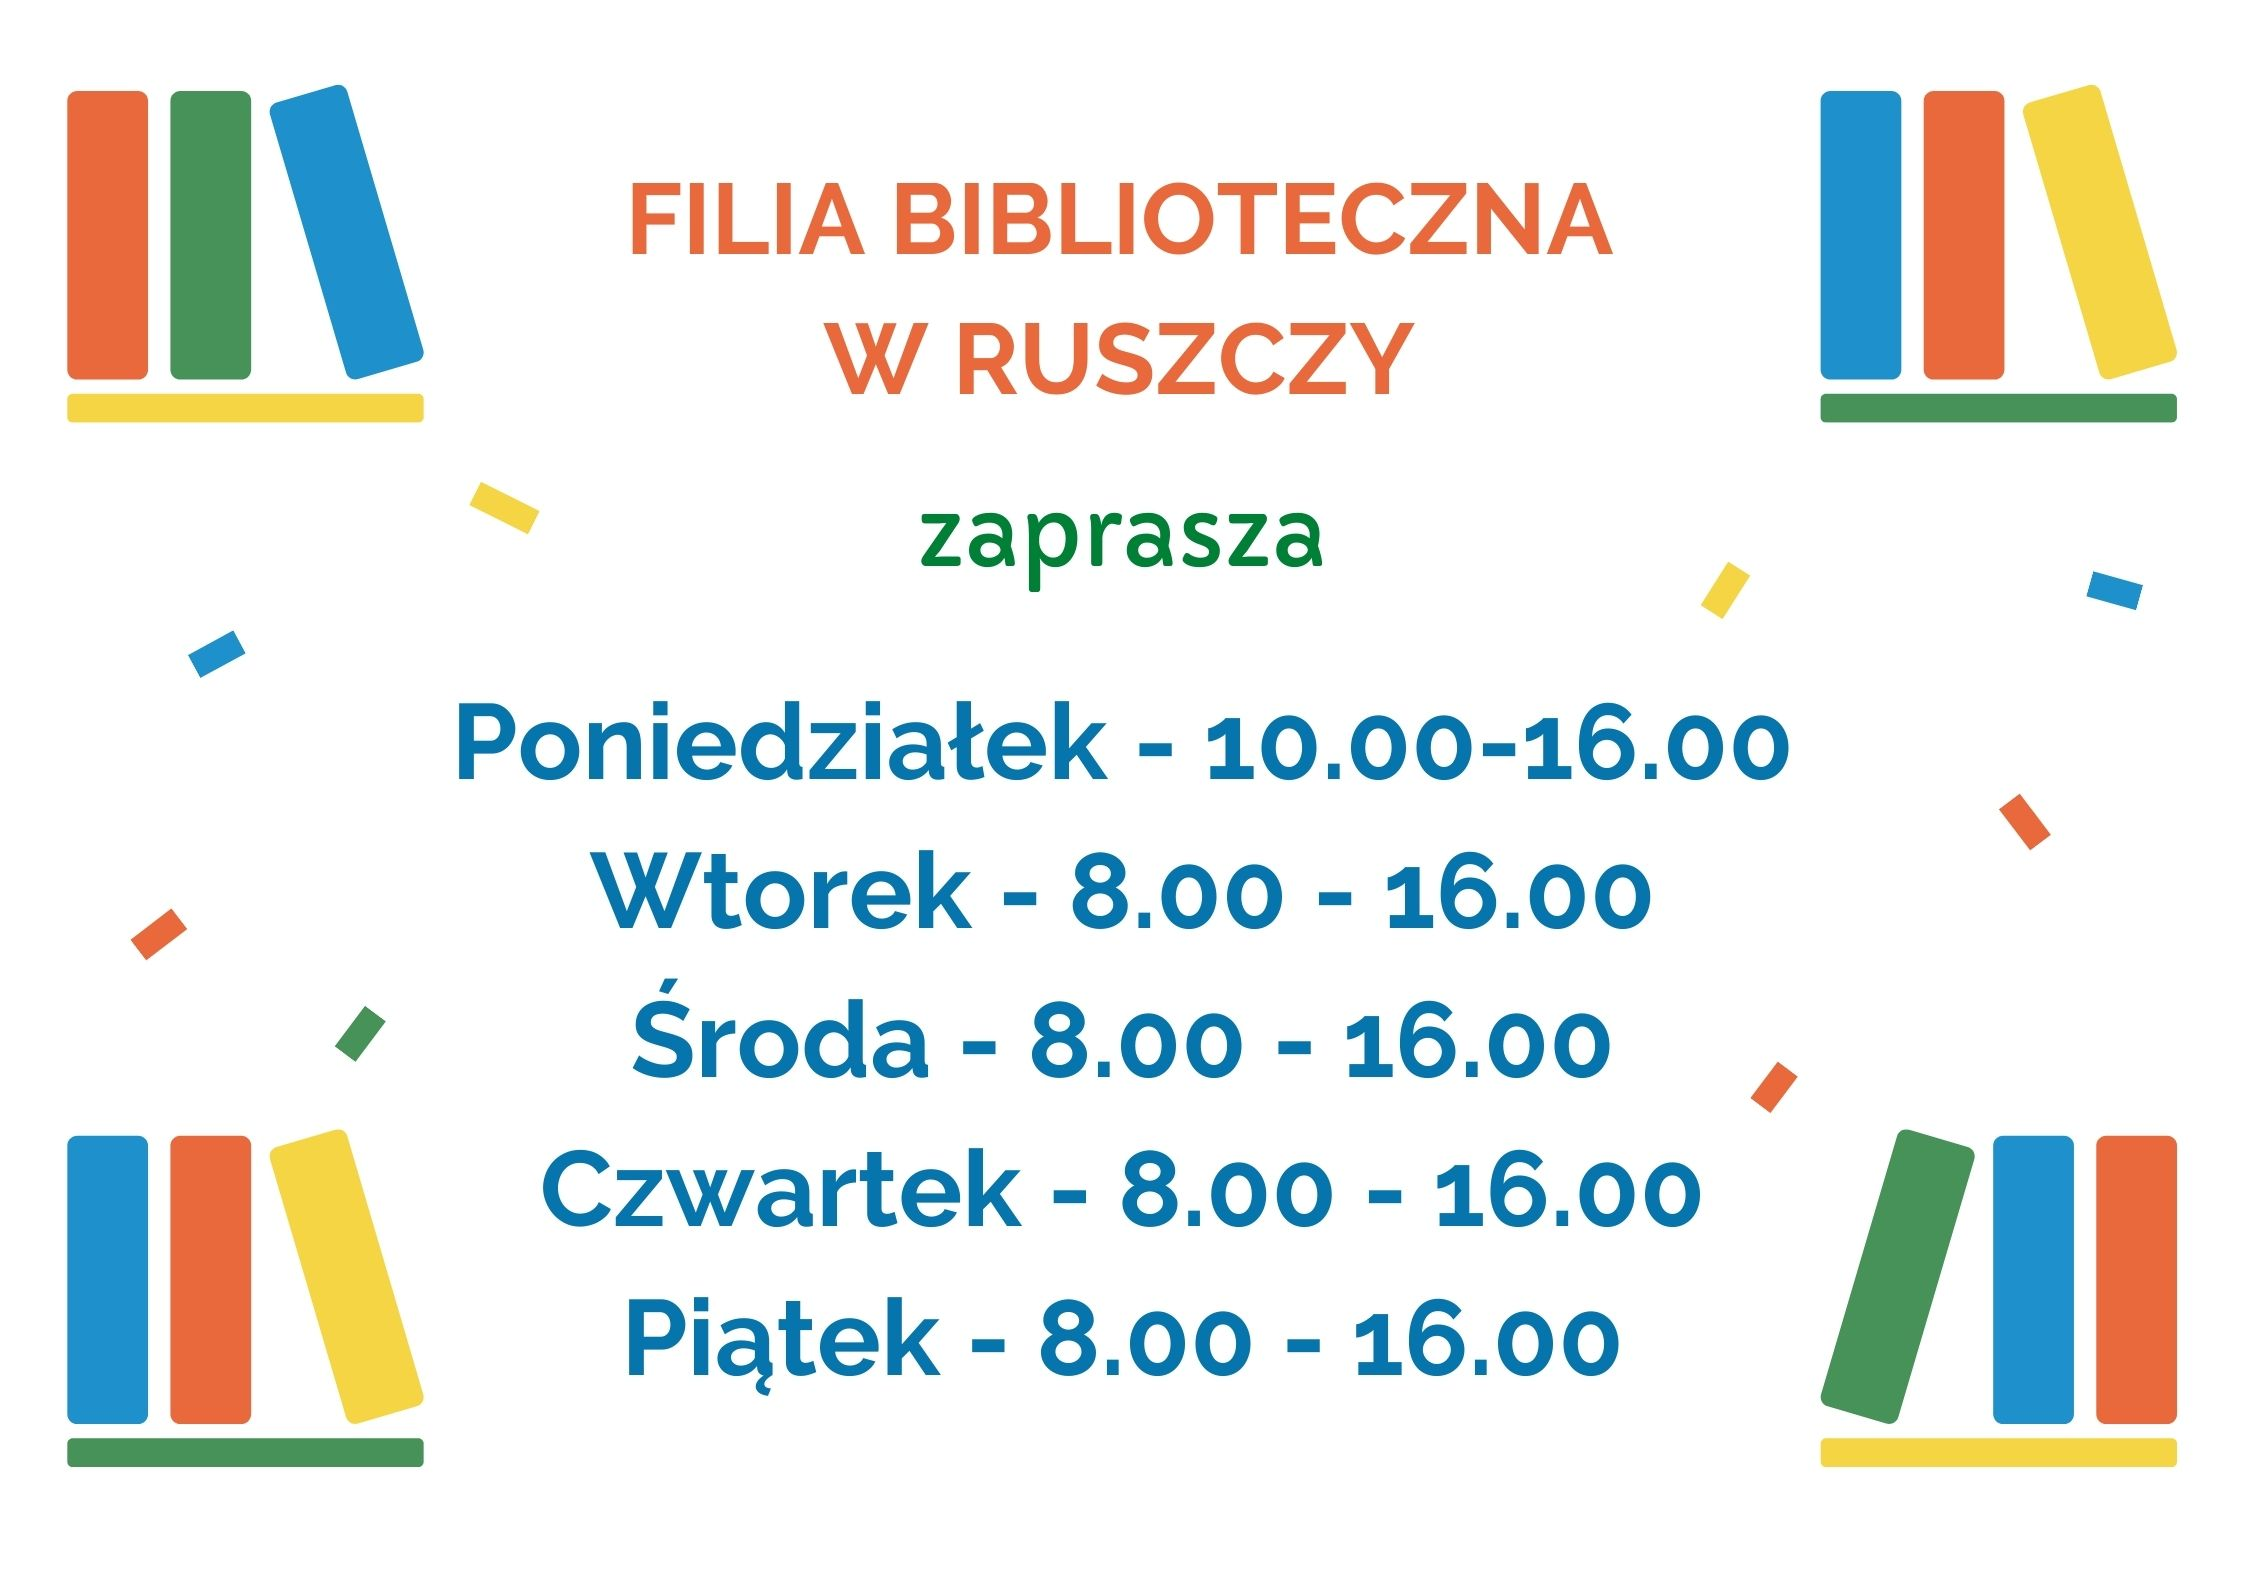 Plakat informujący ozmianach godzin pracy Filii wRuszczy